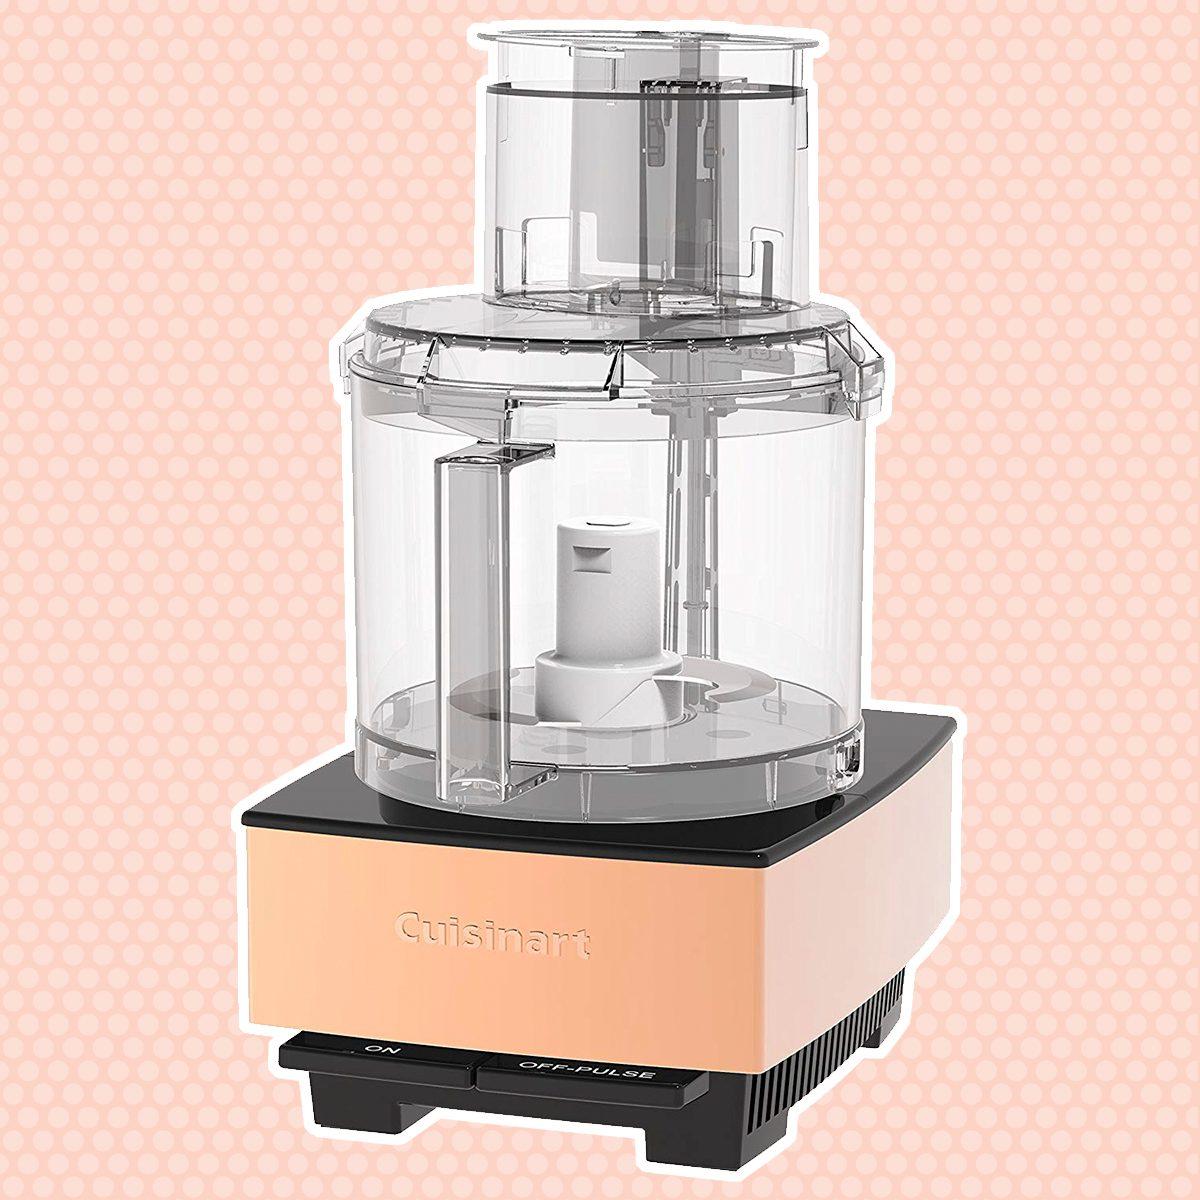 Cuisinart DFP-14CPYAMZ Custom 14 Food Processor Brushed Metal Series - Copper